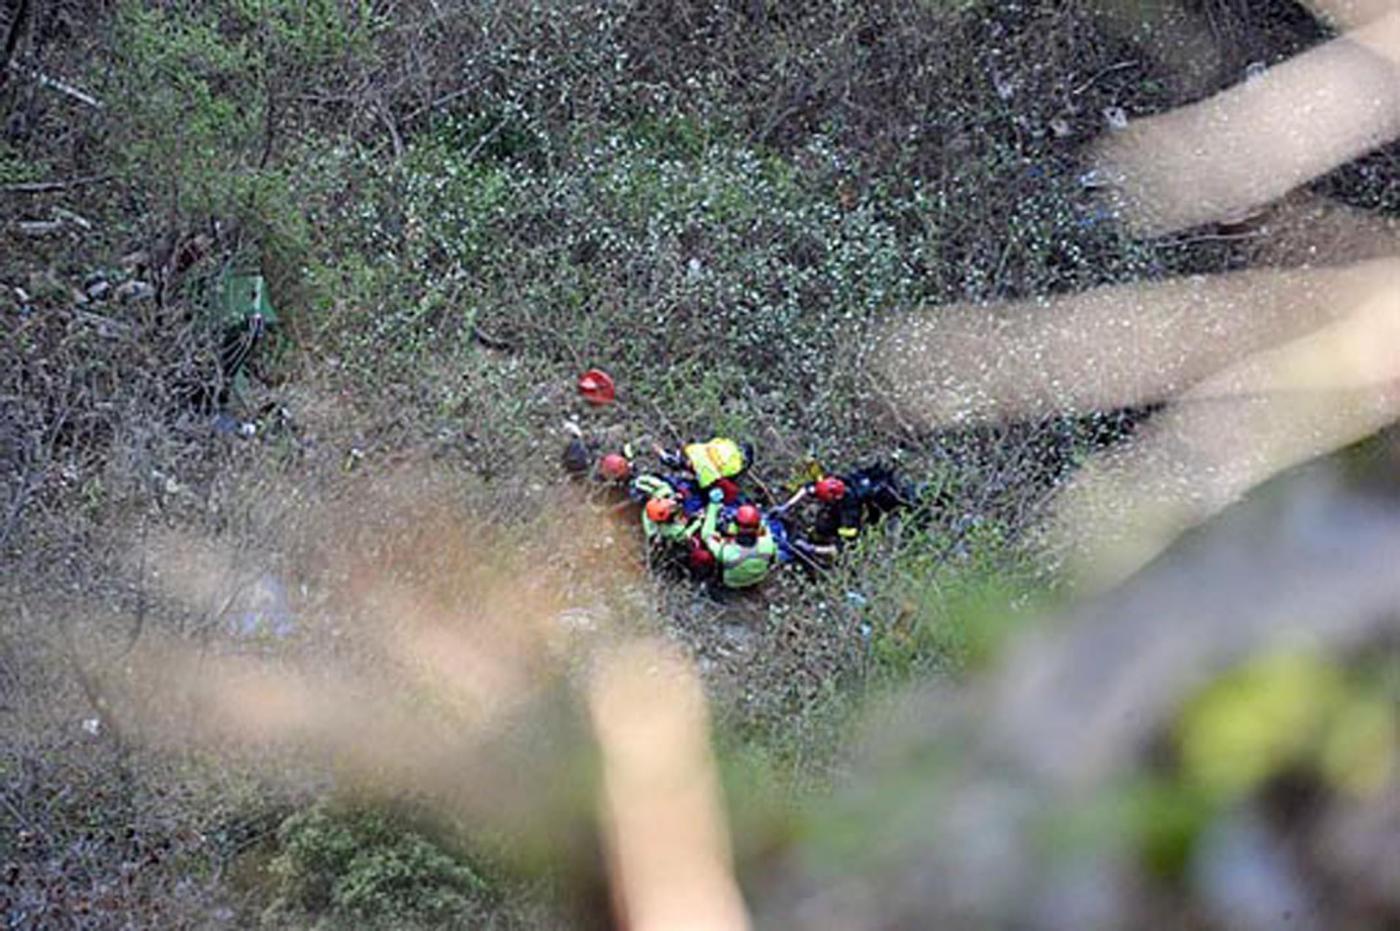 Tragedia familiare a Trento: due bambini uccisi in casa nel quartiere delle Albere